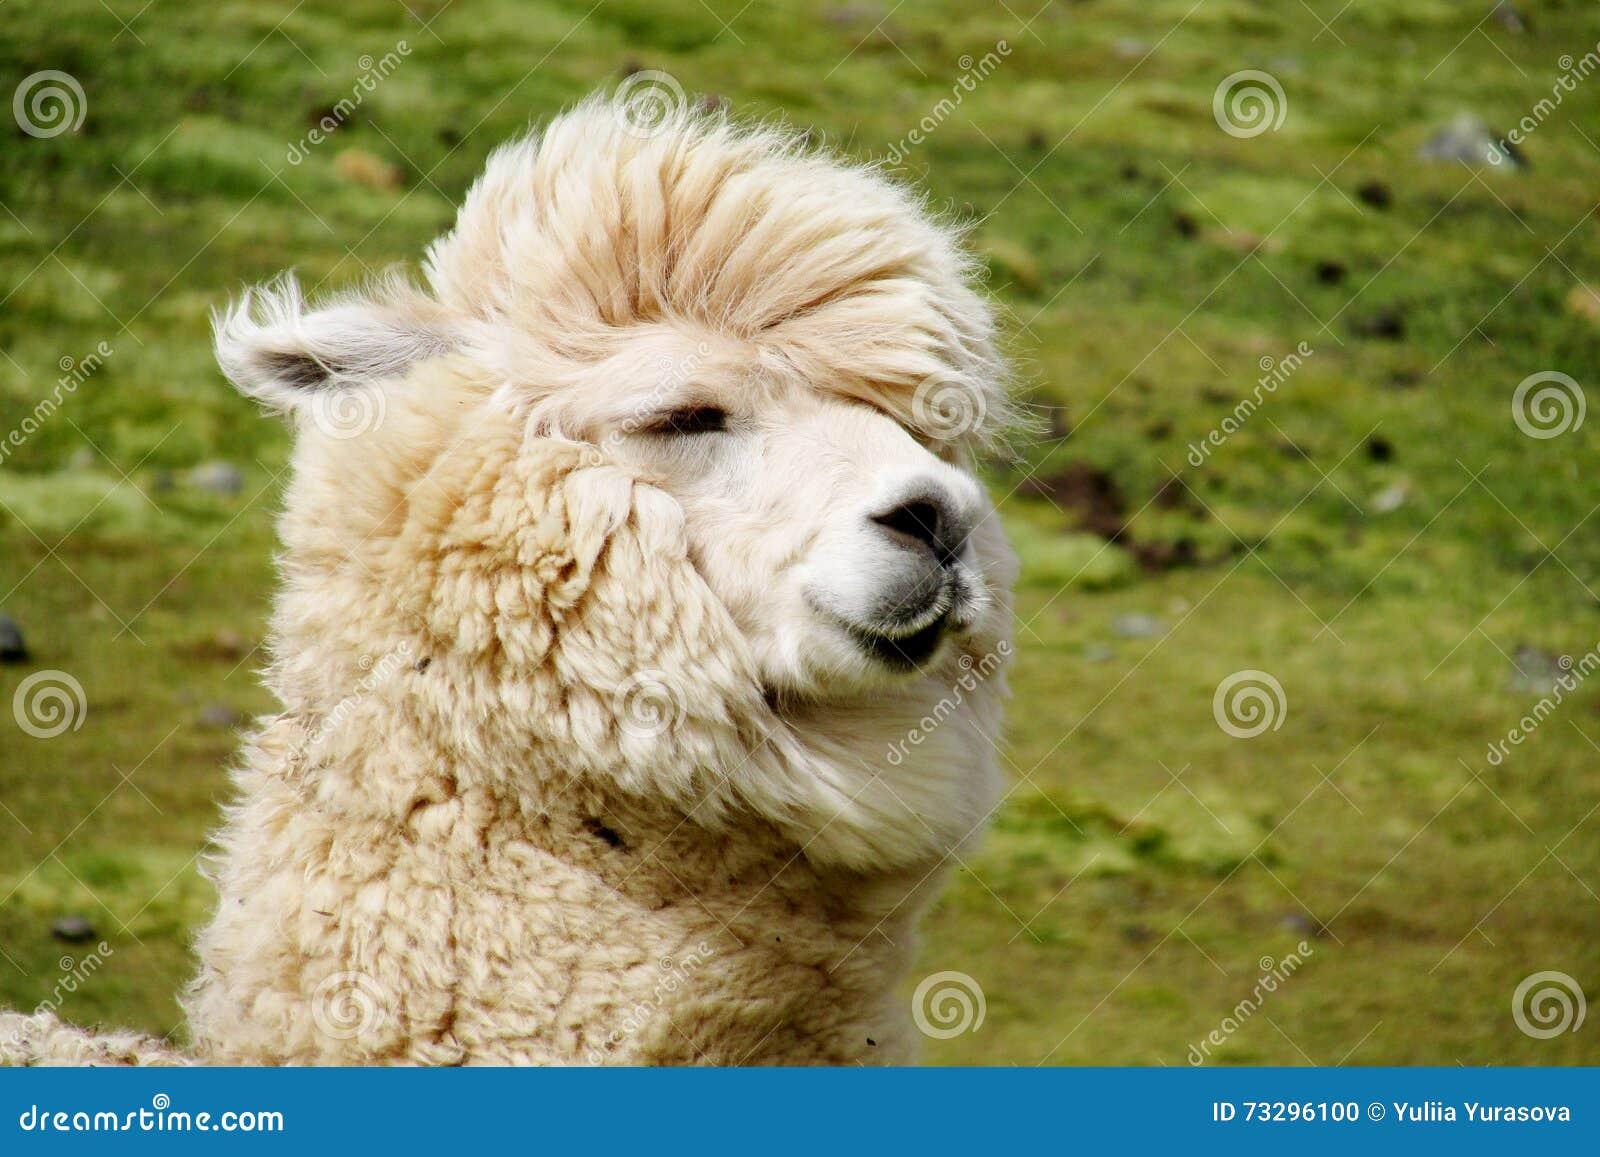 Funny White Lama Portrait